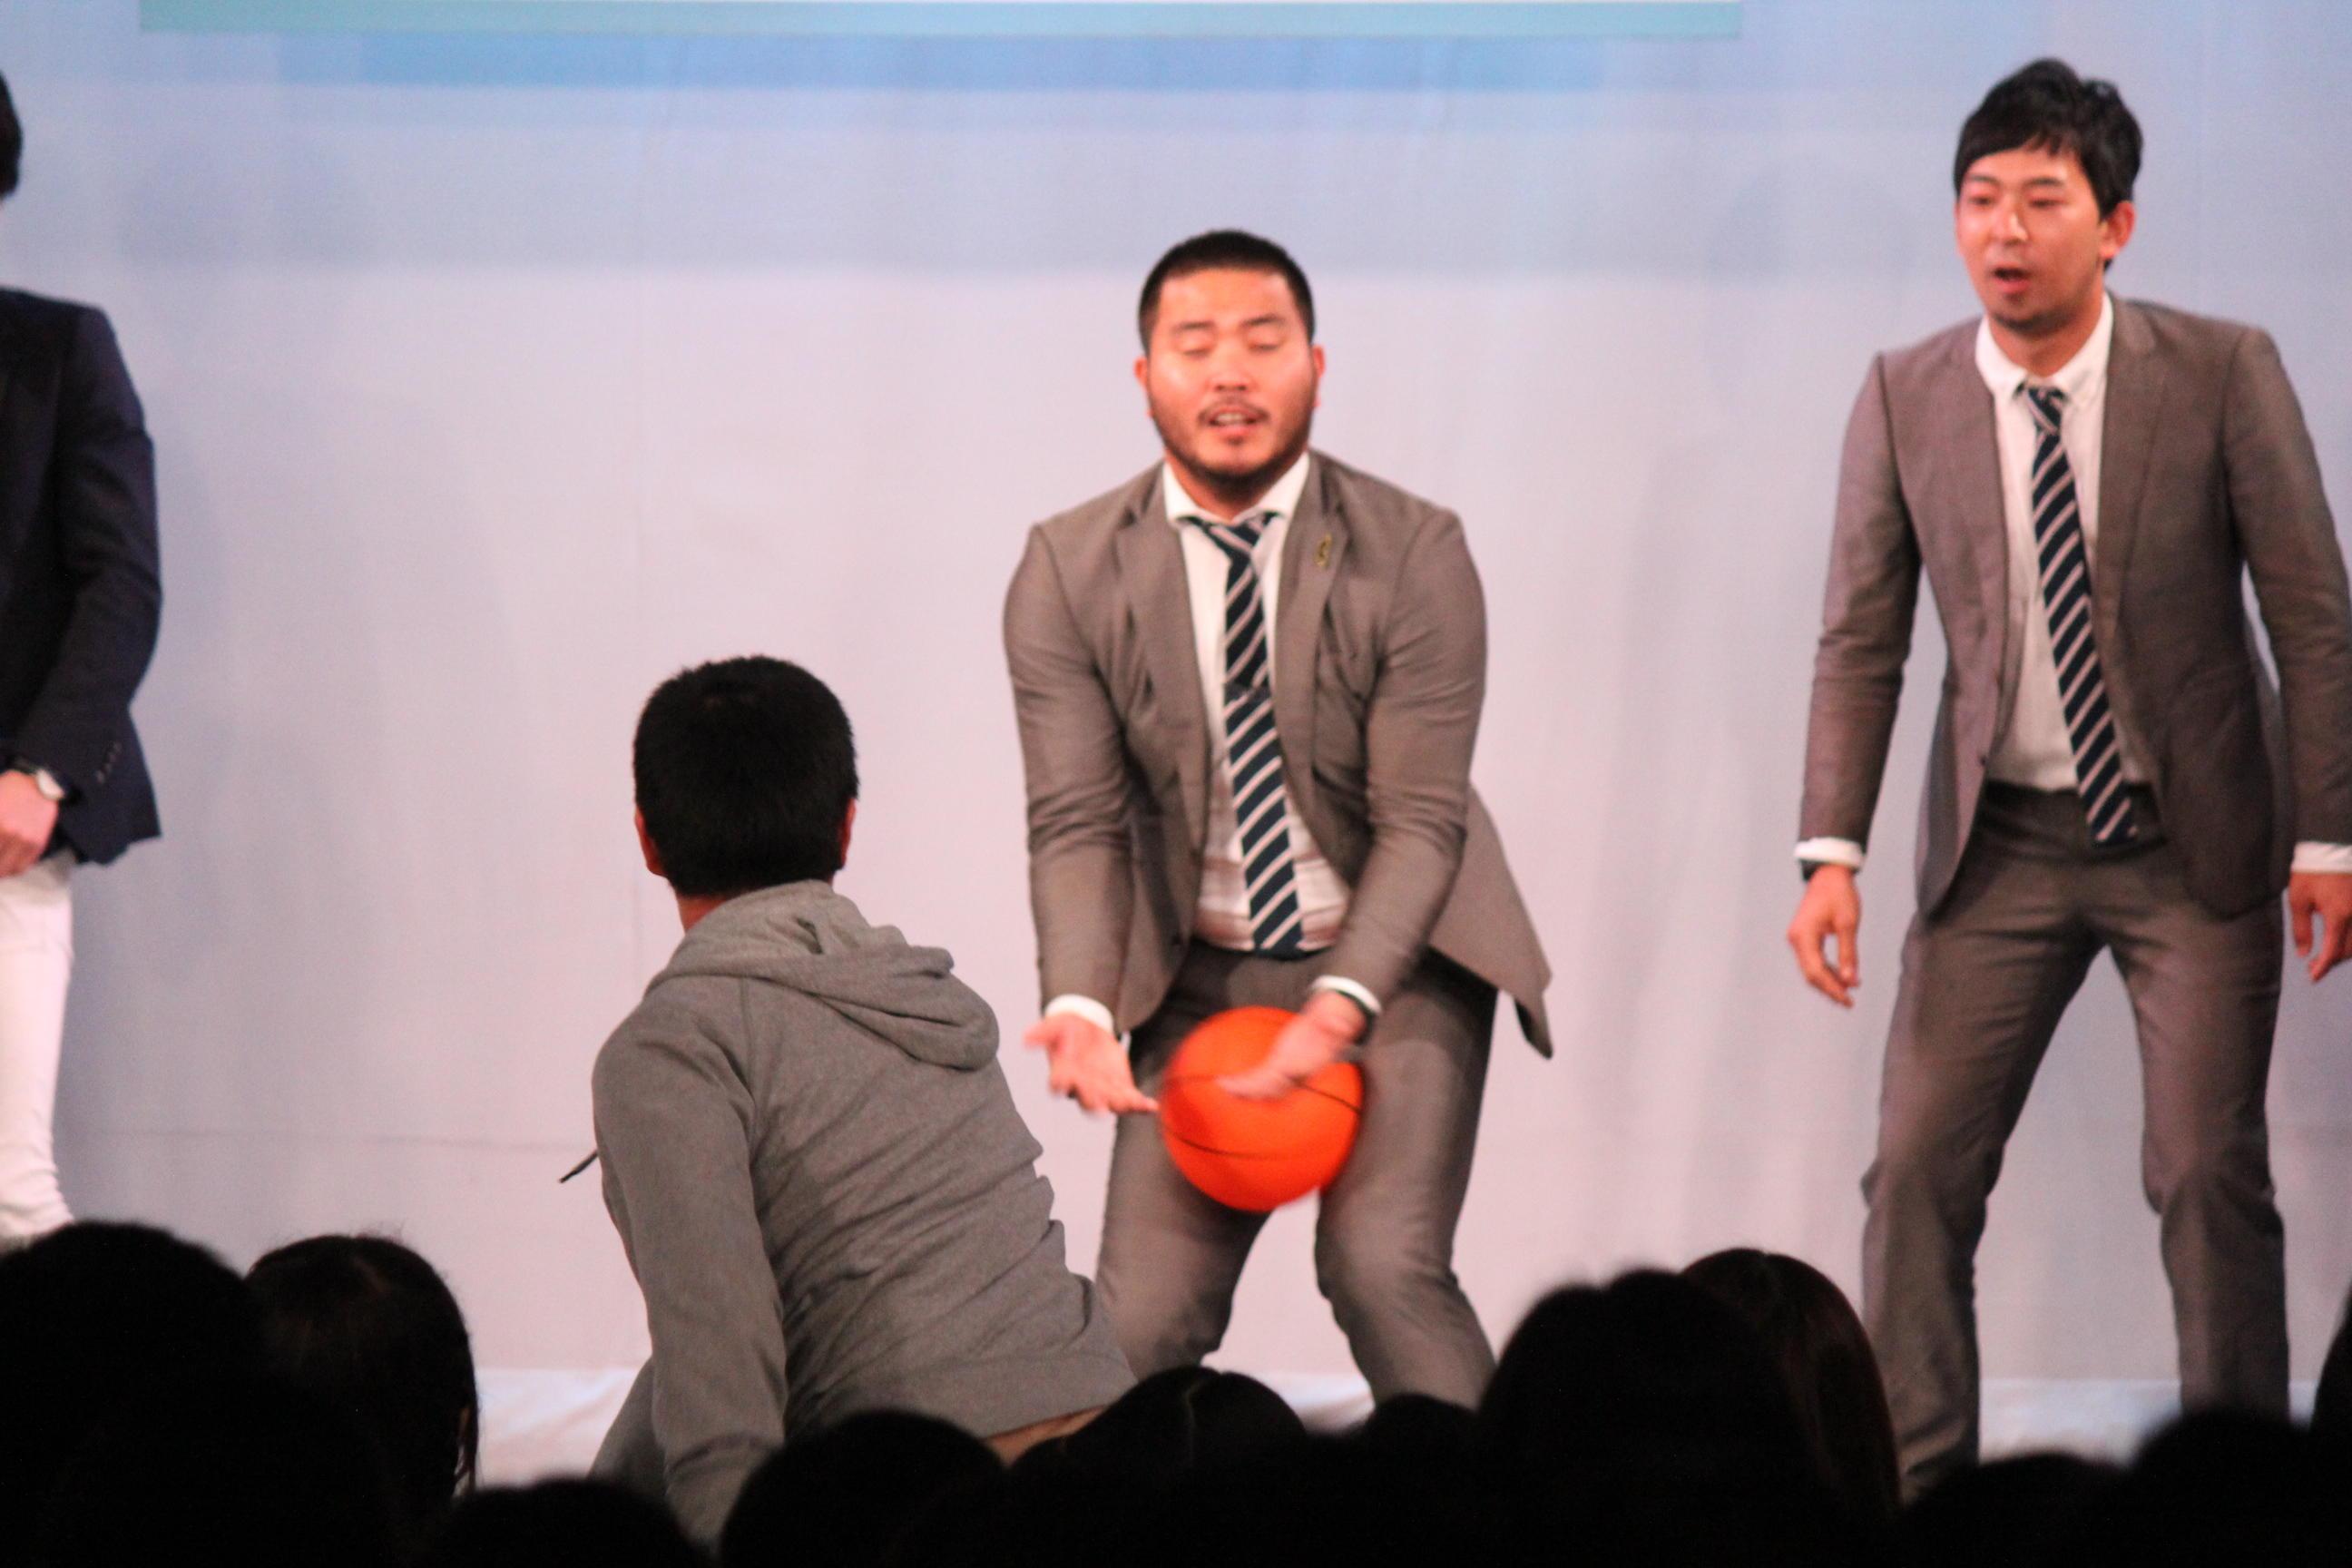 http://news.yoshimoto.co.jp/20151231210510-649daf9a09b3adacd90ac858380c043eadc9043a.jpg